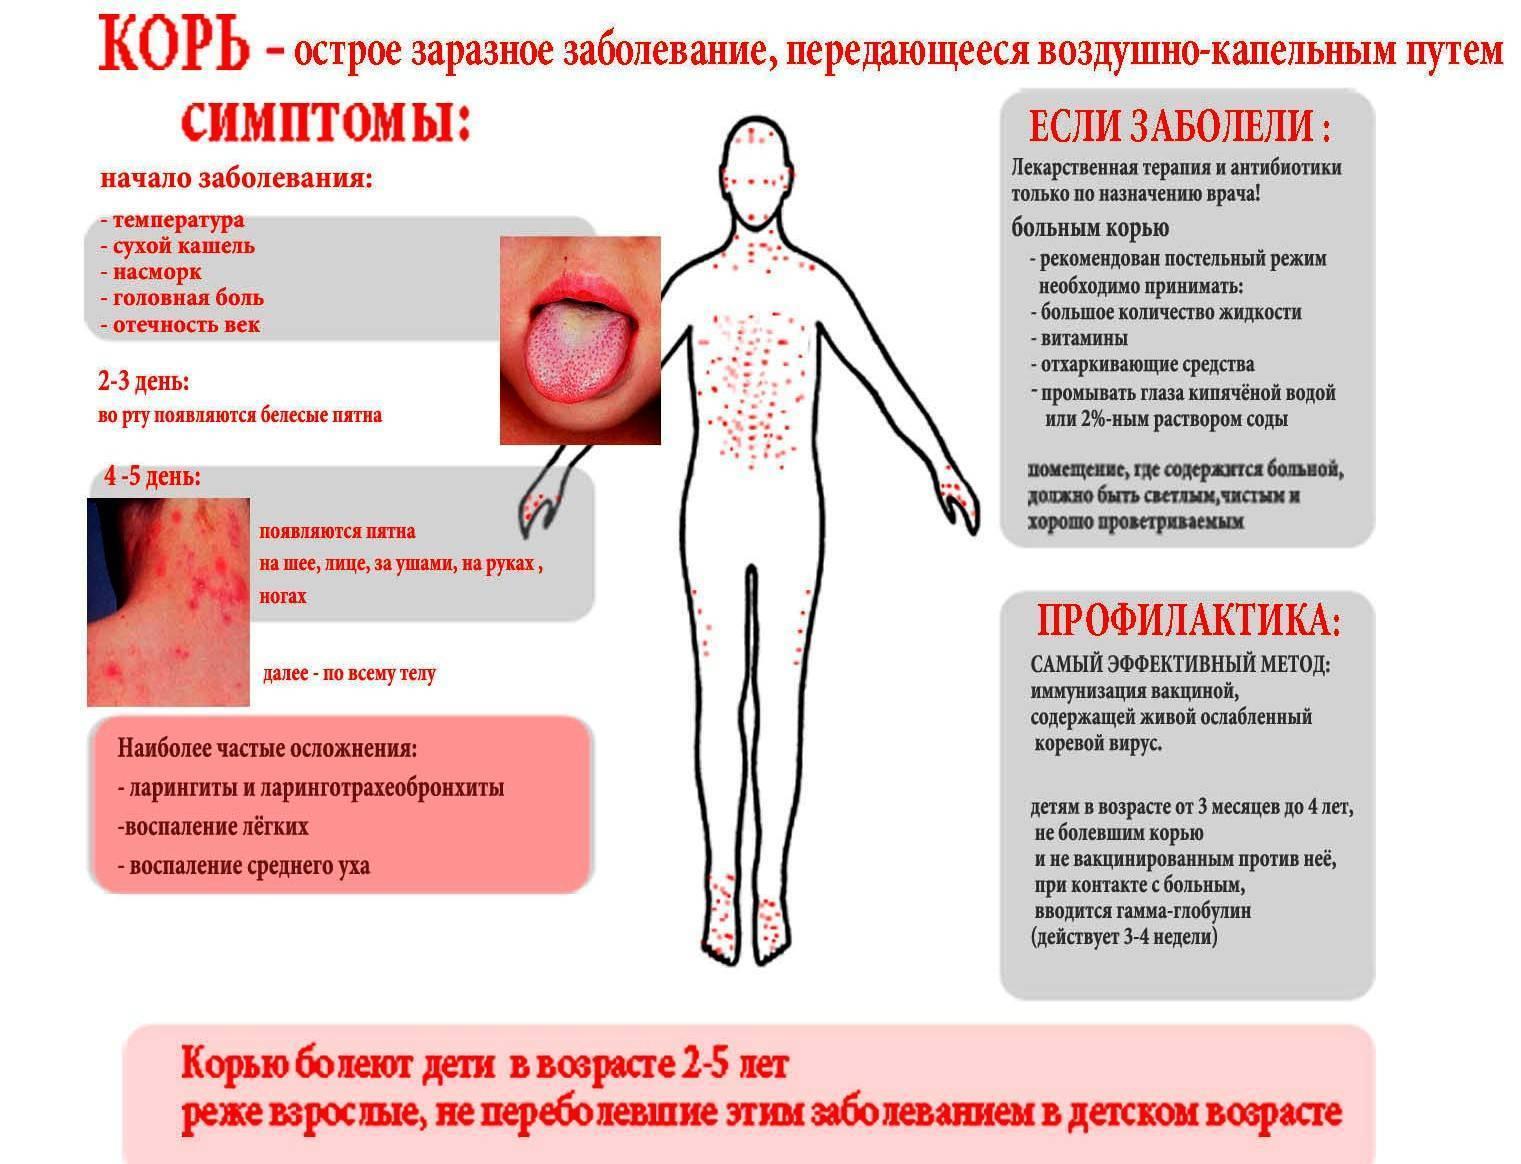 Как проявляется корь у детей: симптомы и методы лечения